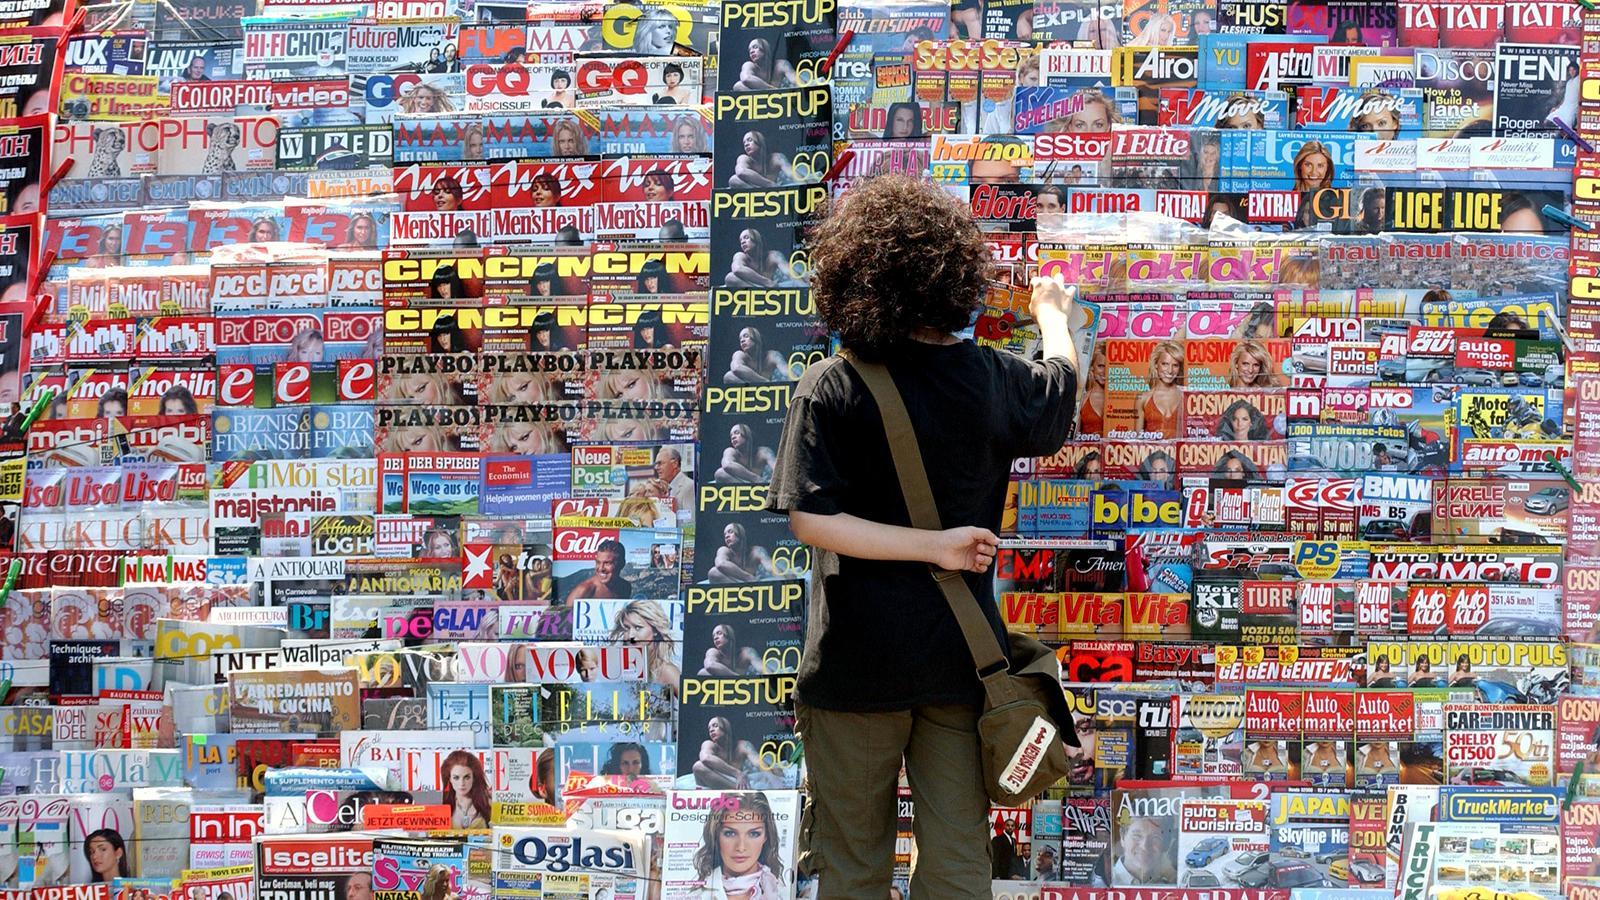 Leseliste 5 September Illustrierte-Lead